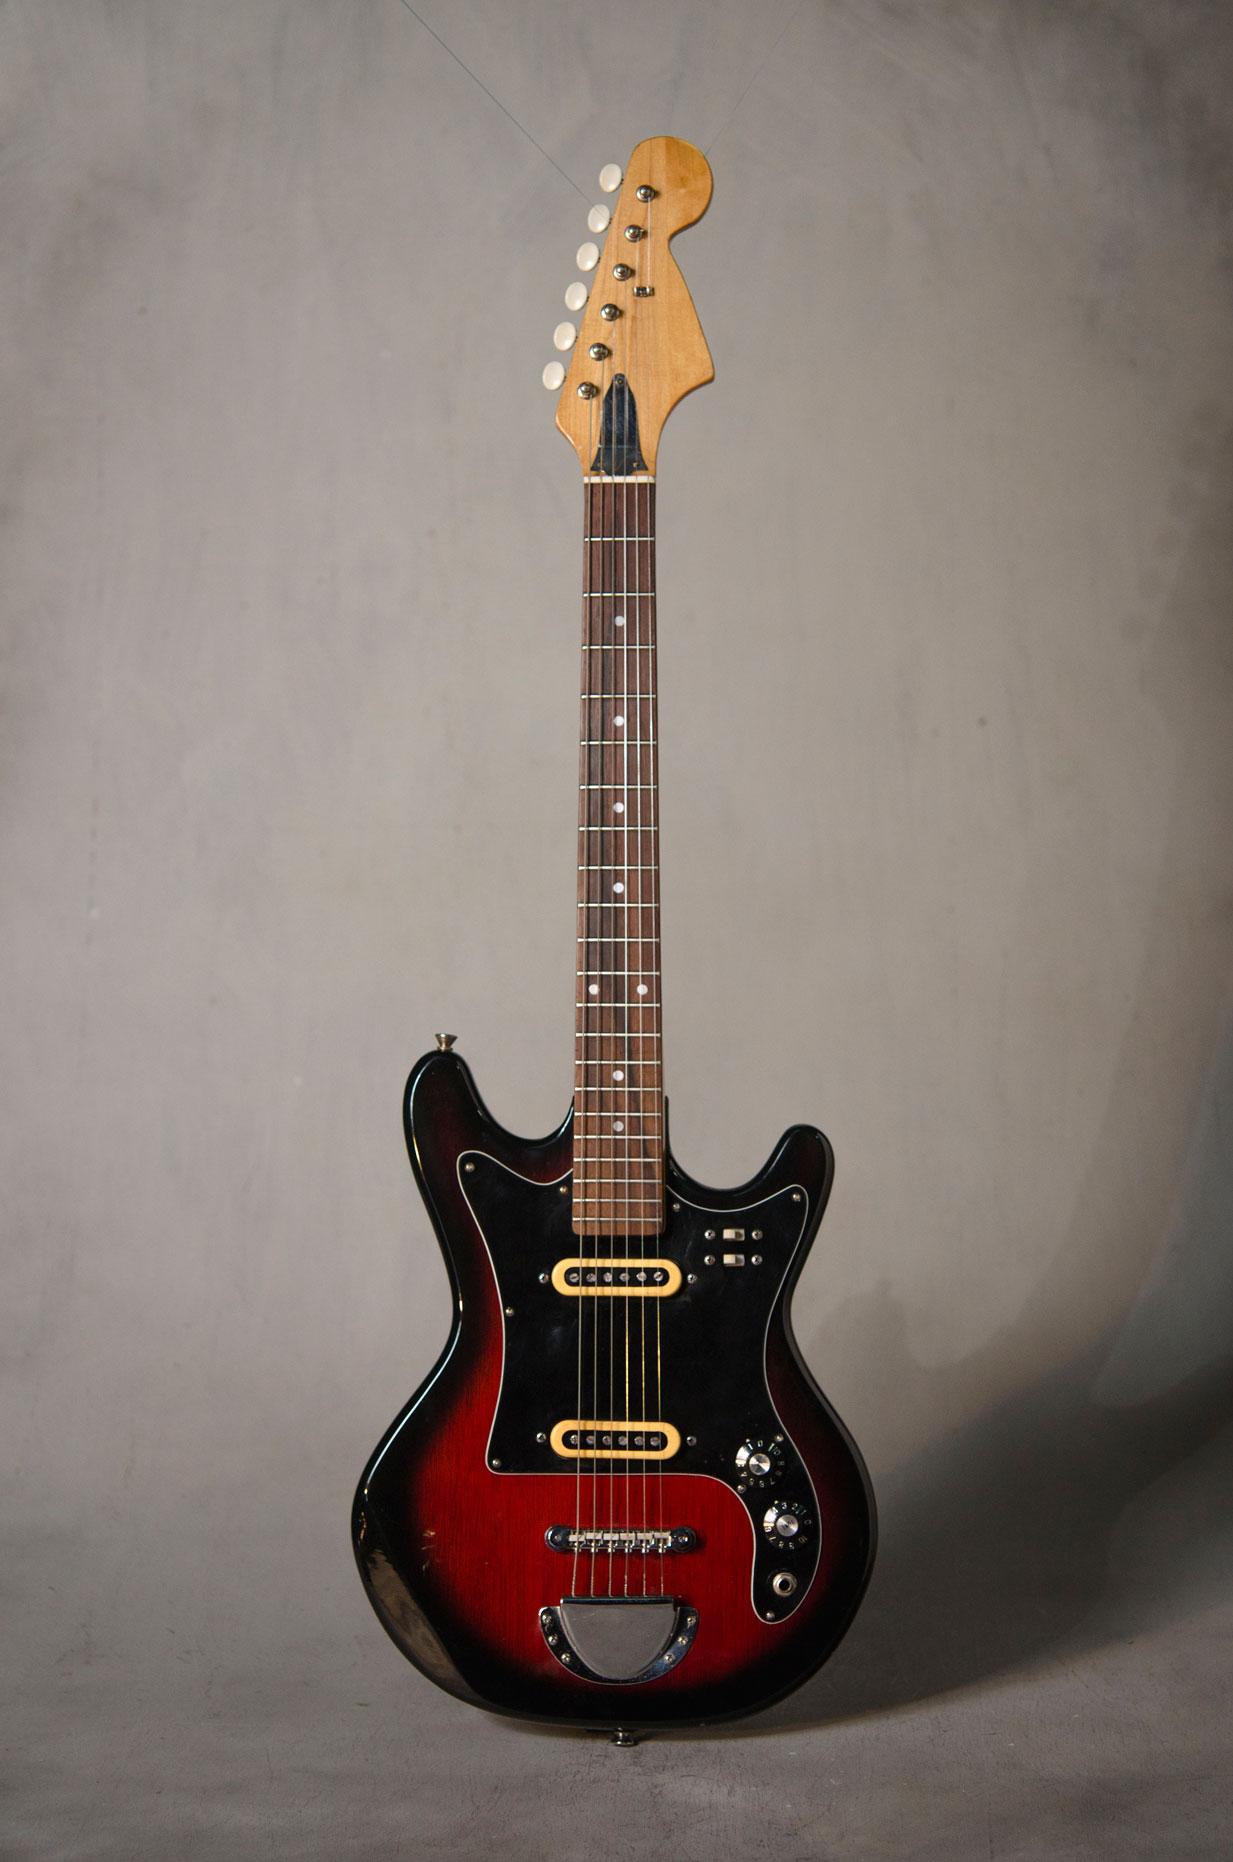 กีต้าร์ไฟฟ้ามือสอง Vintage Guitar Japan